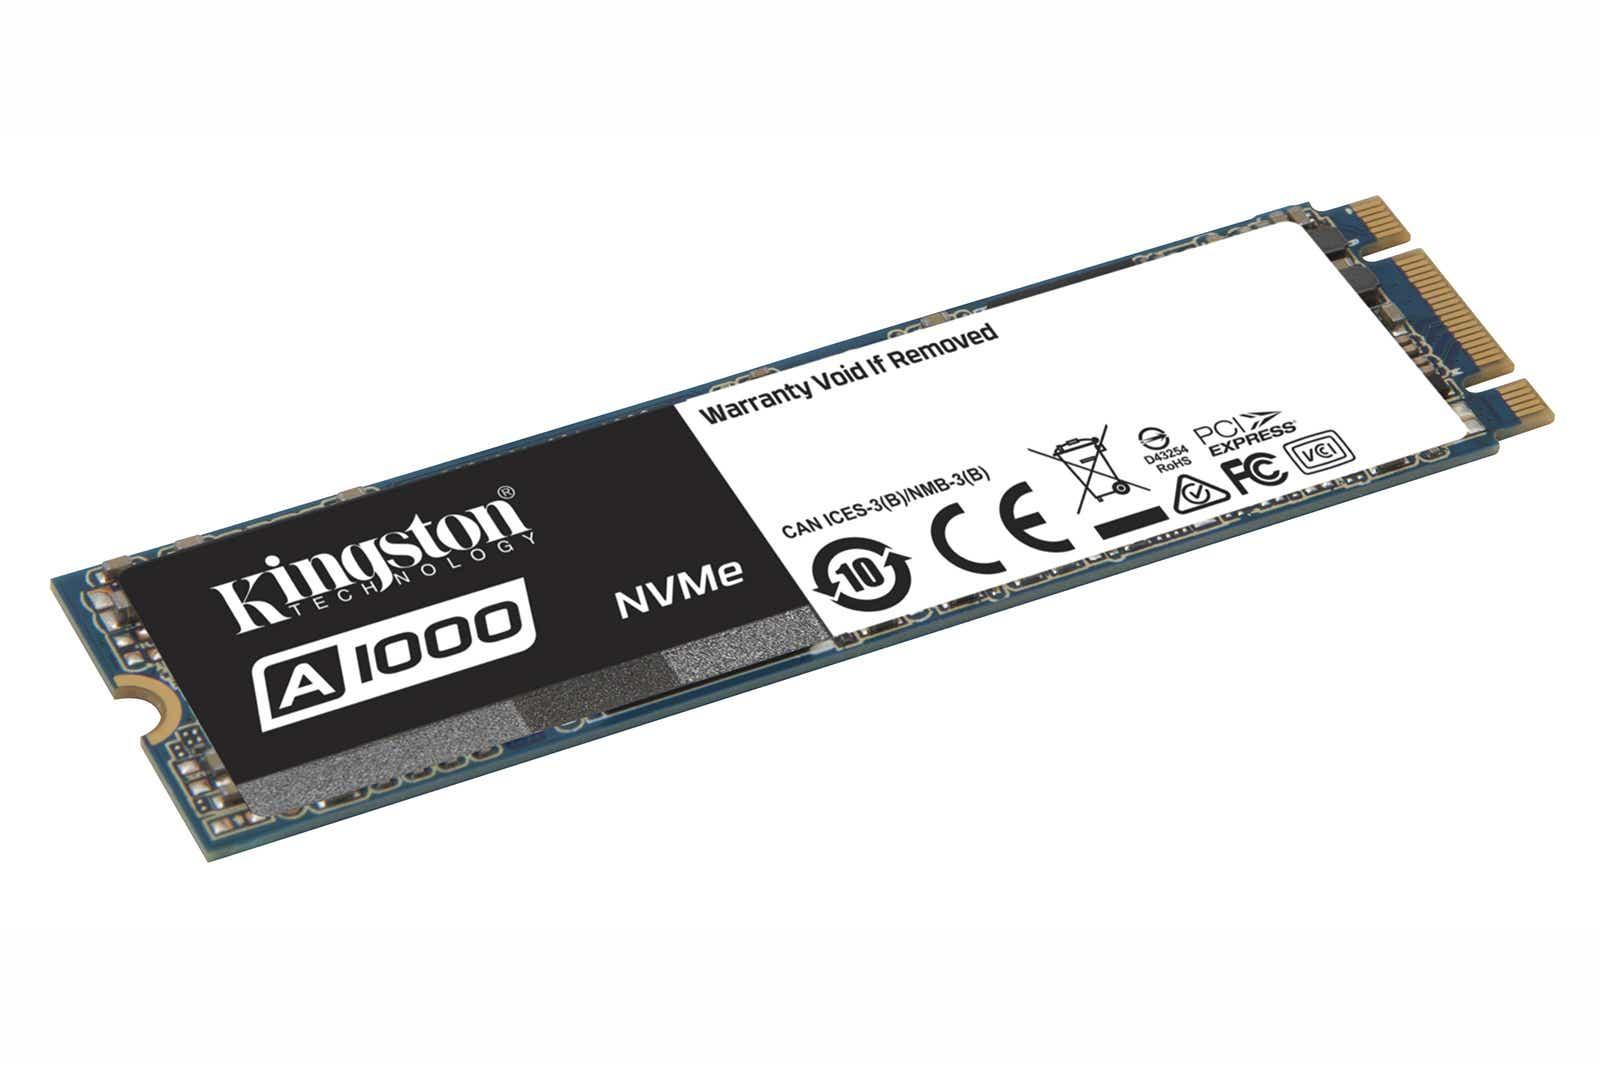 A1000 M.2 NVMe SSD (960GB)